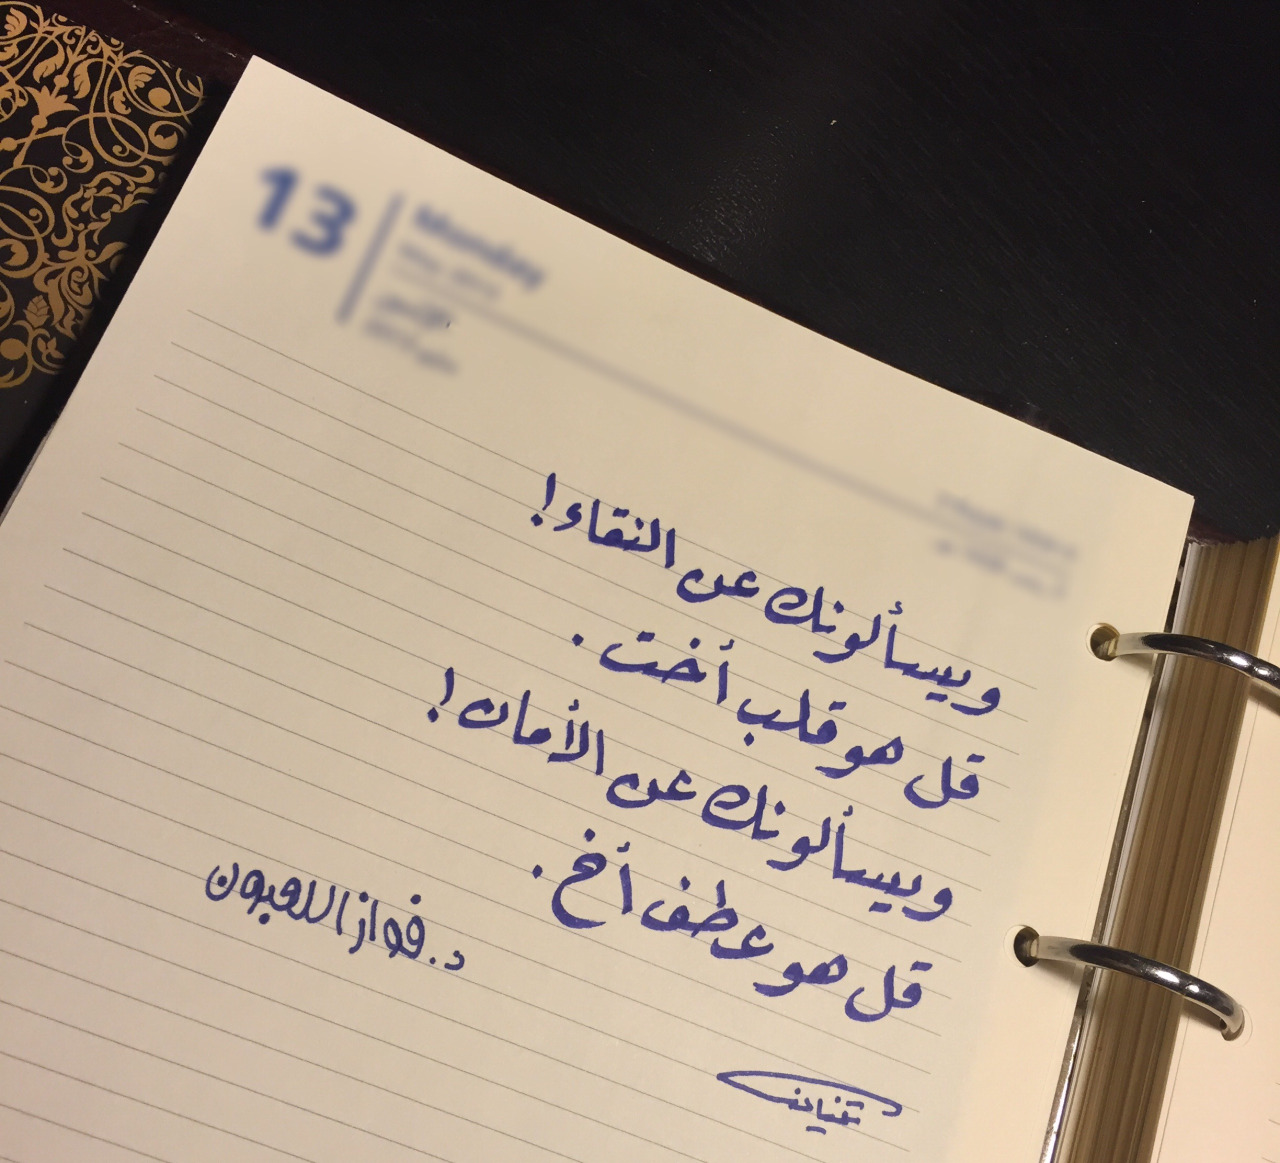 بالصور صور عن الخوات , اجمل كلمات عن الاخوات 5342 3